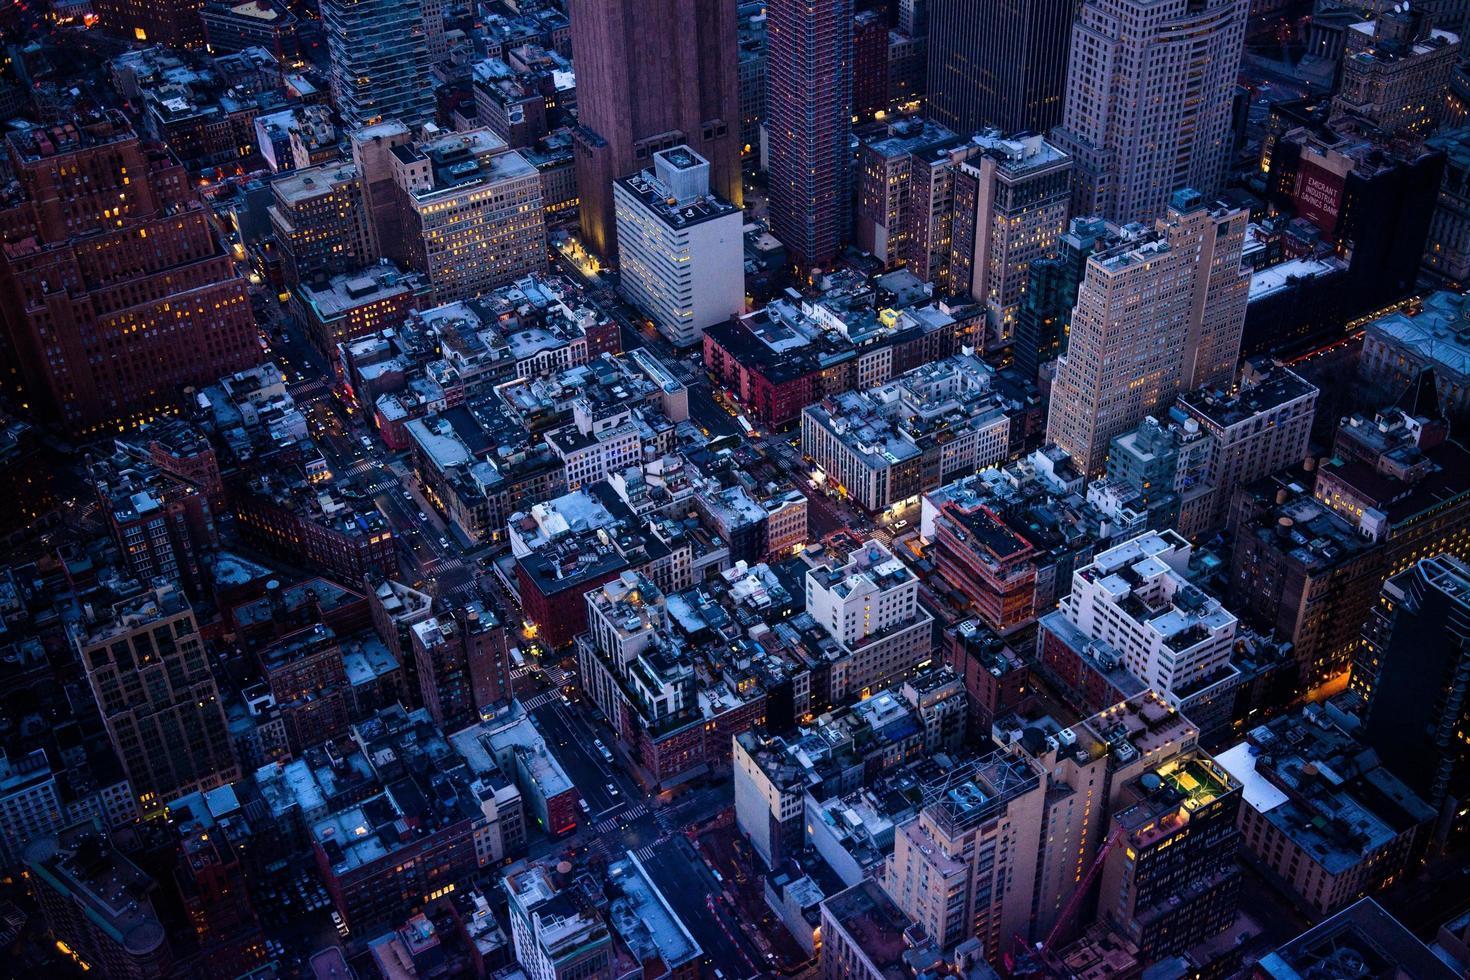 paisaje urbano durante la noche foto